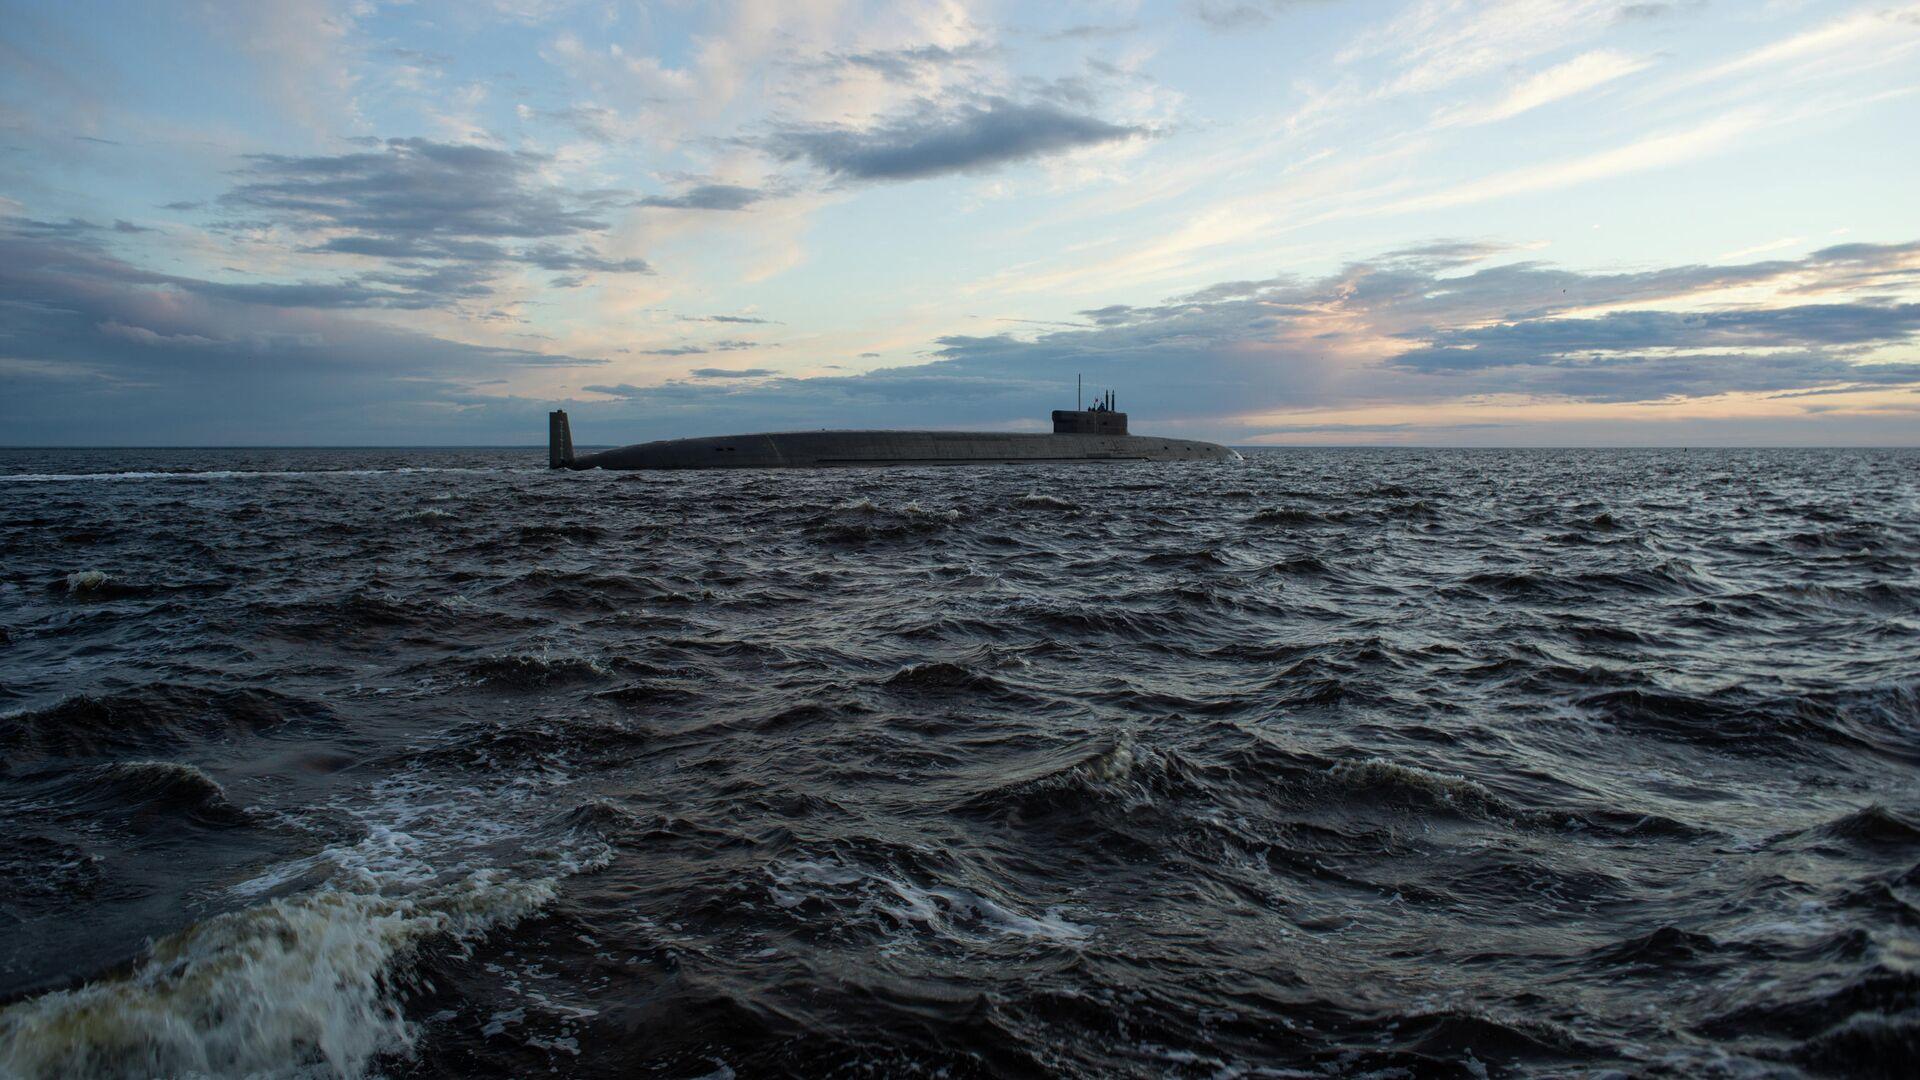 Атомная подводная лодка стратегического назначения Князь Владимир проекта 955А - РИА Новости, 1920, 30.05.2021